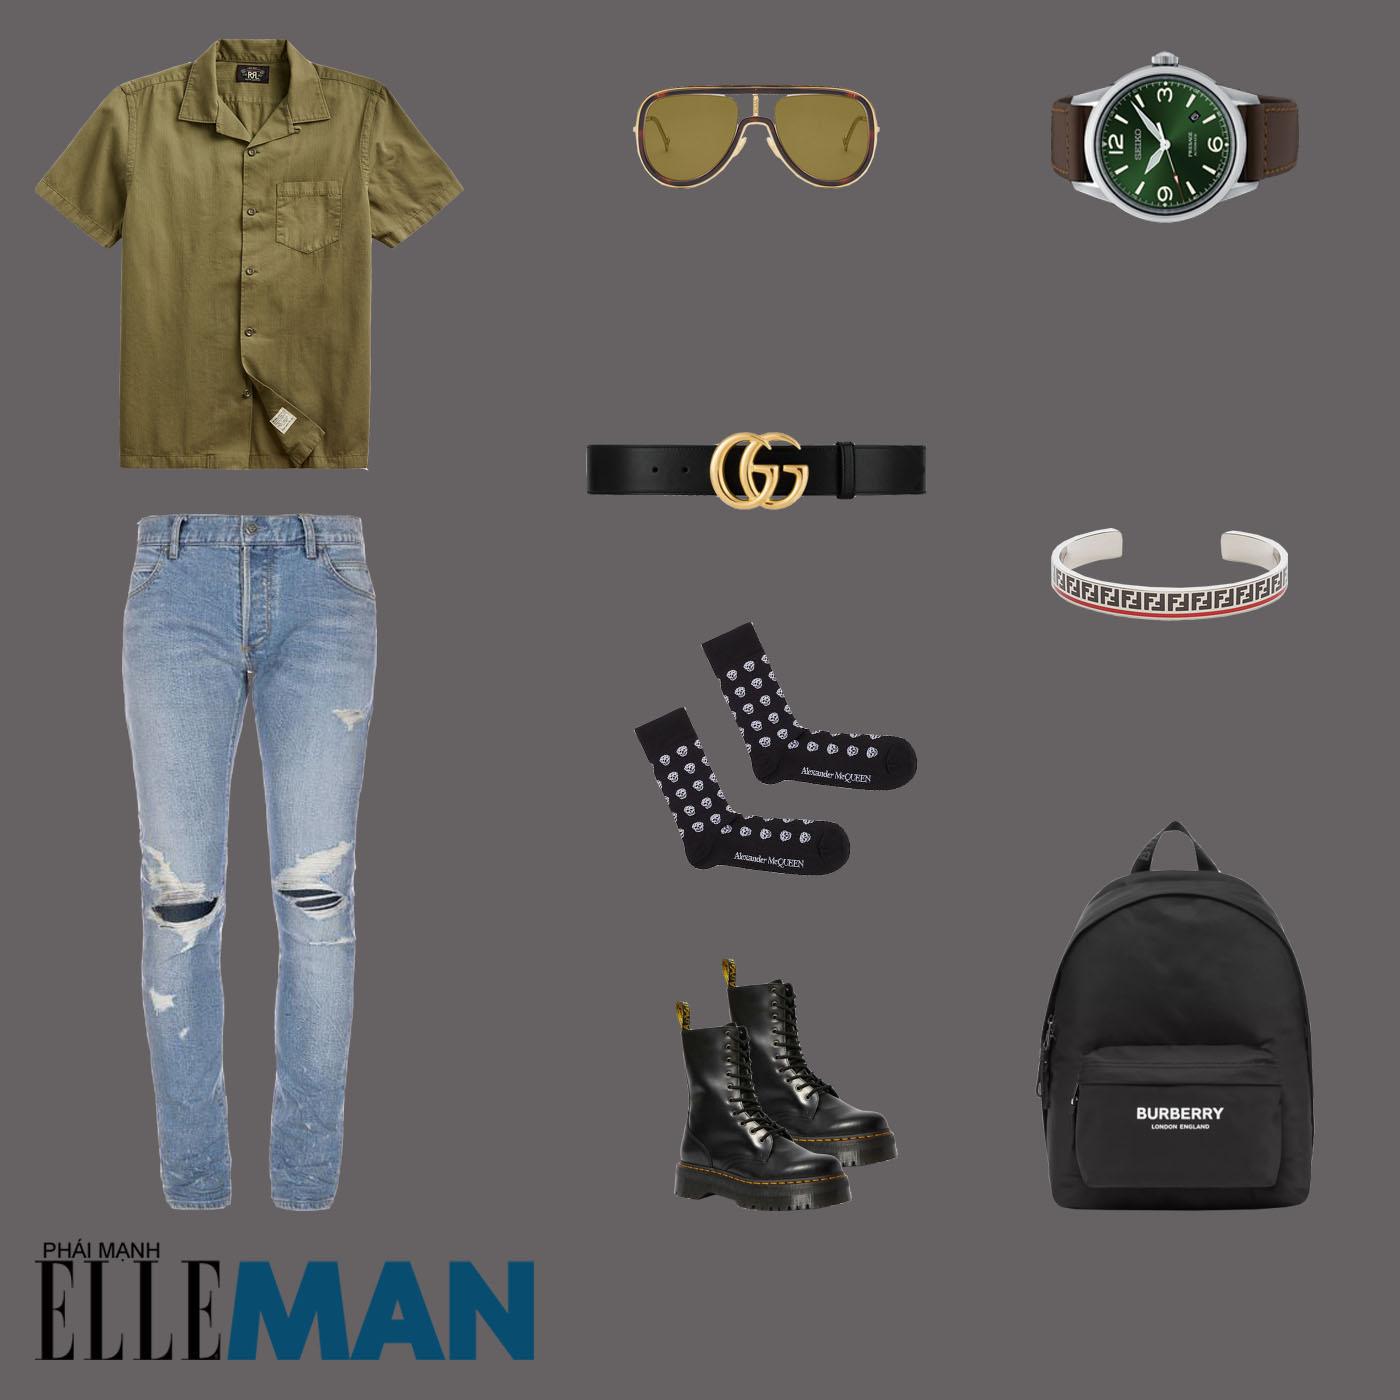 outfit 1 - phối đồ tông màu xanh lá